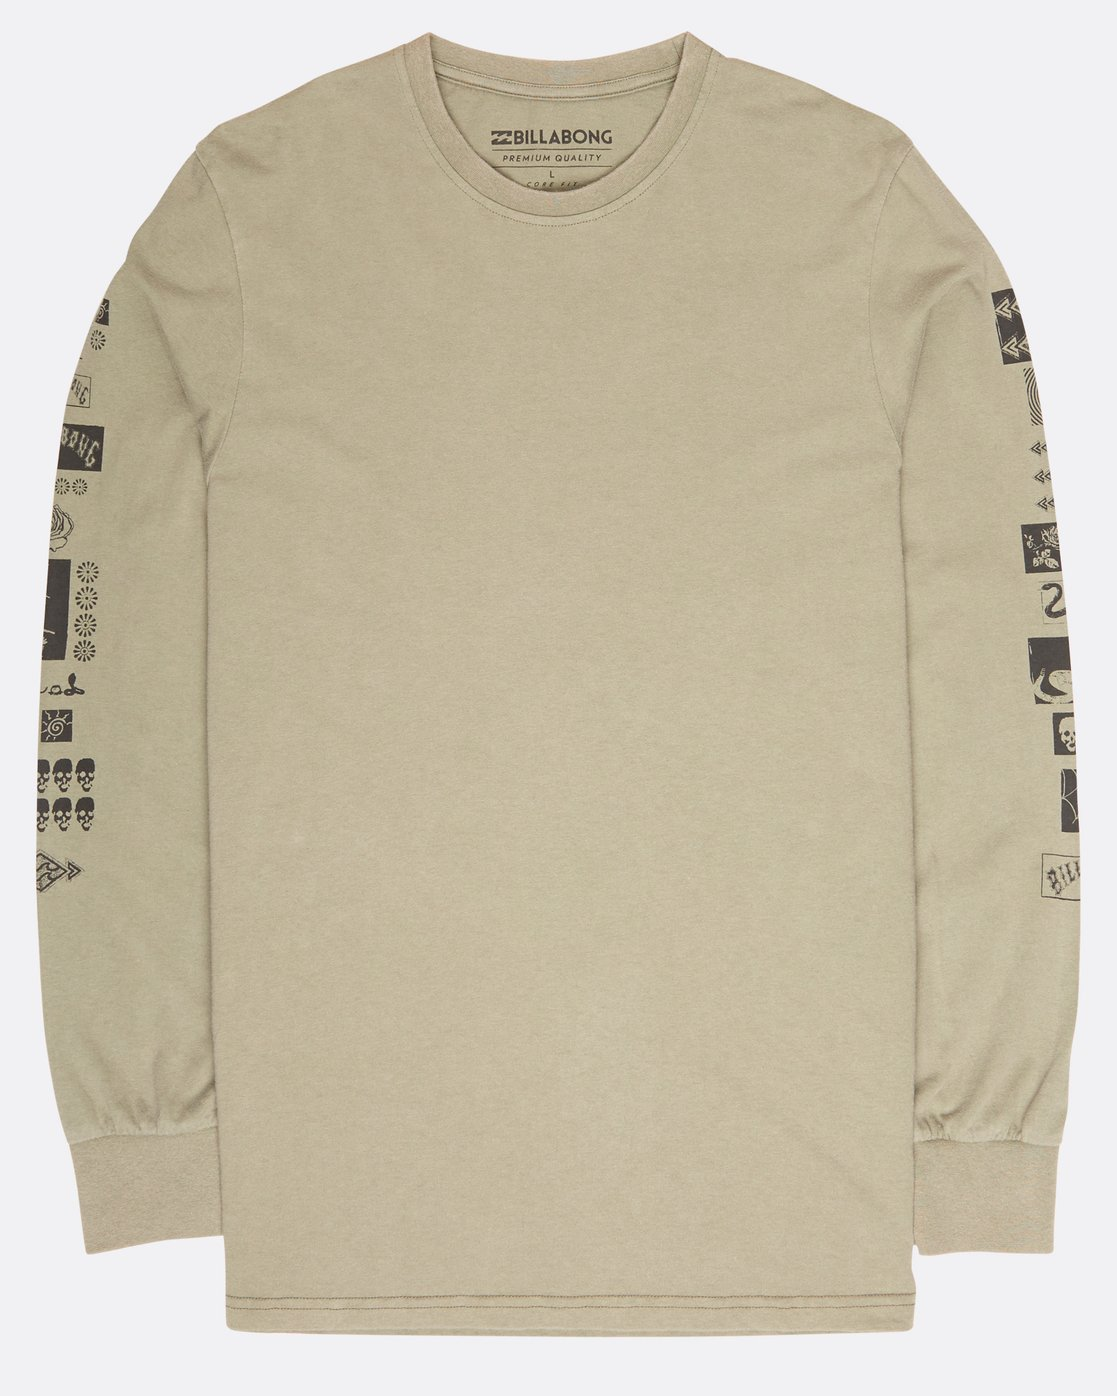 Shirt Kiopuxtz Mercado Sleeve Long 3664564071219billabong T ALR3j54